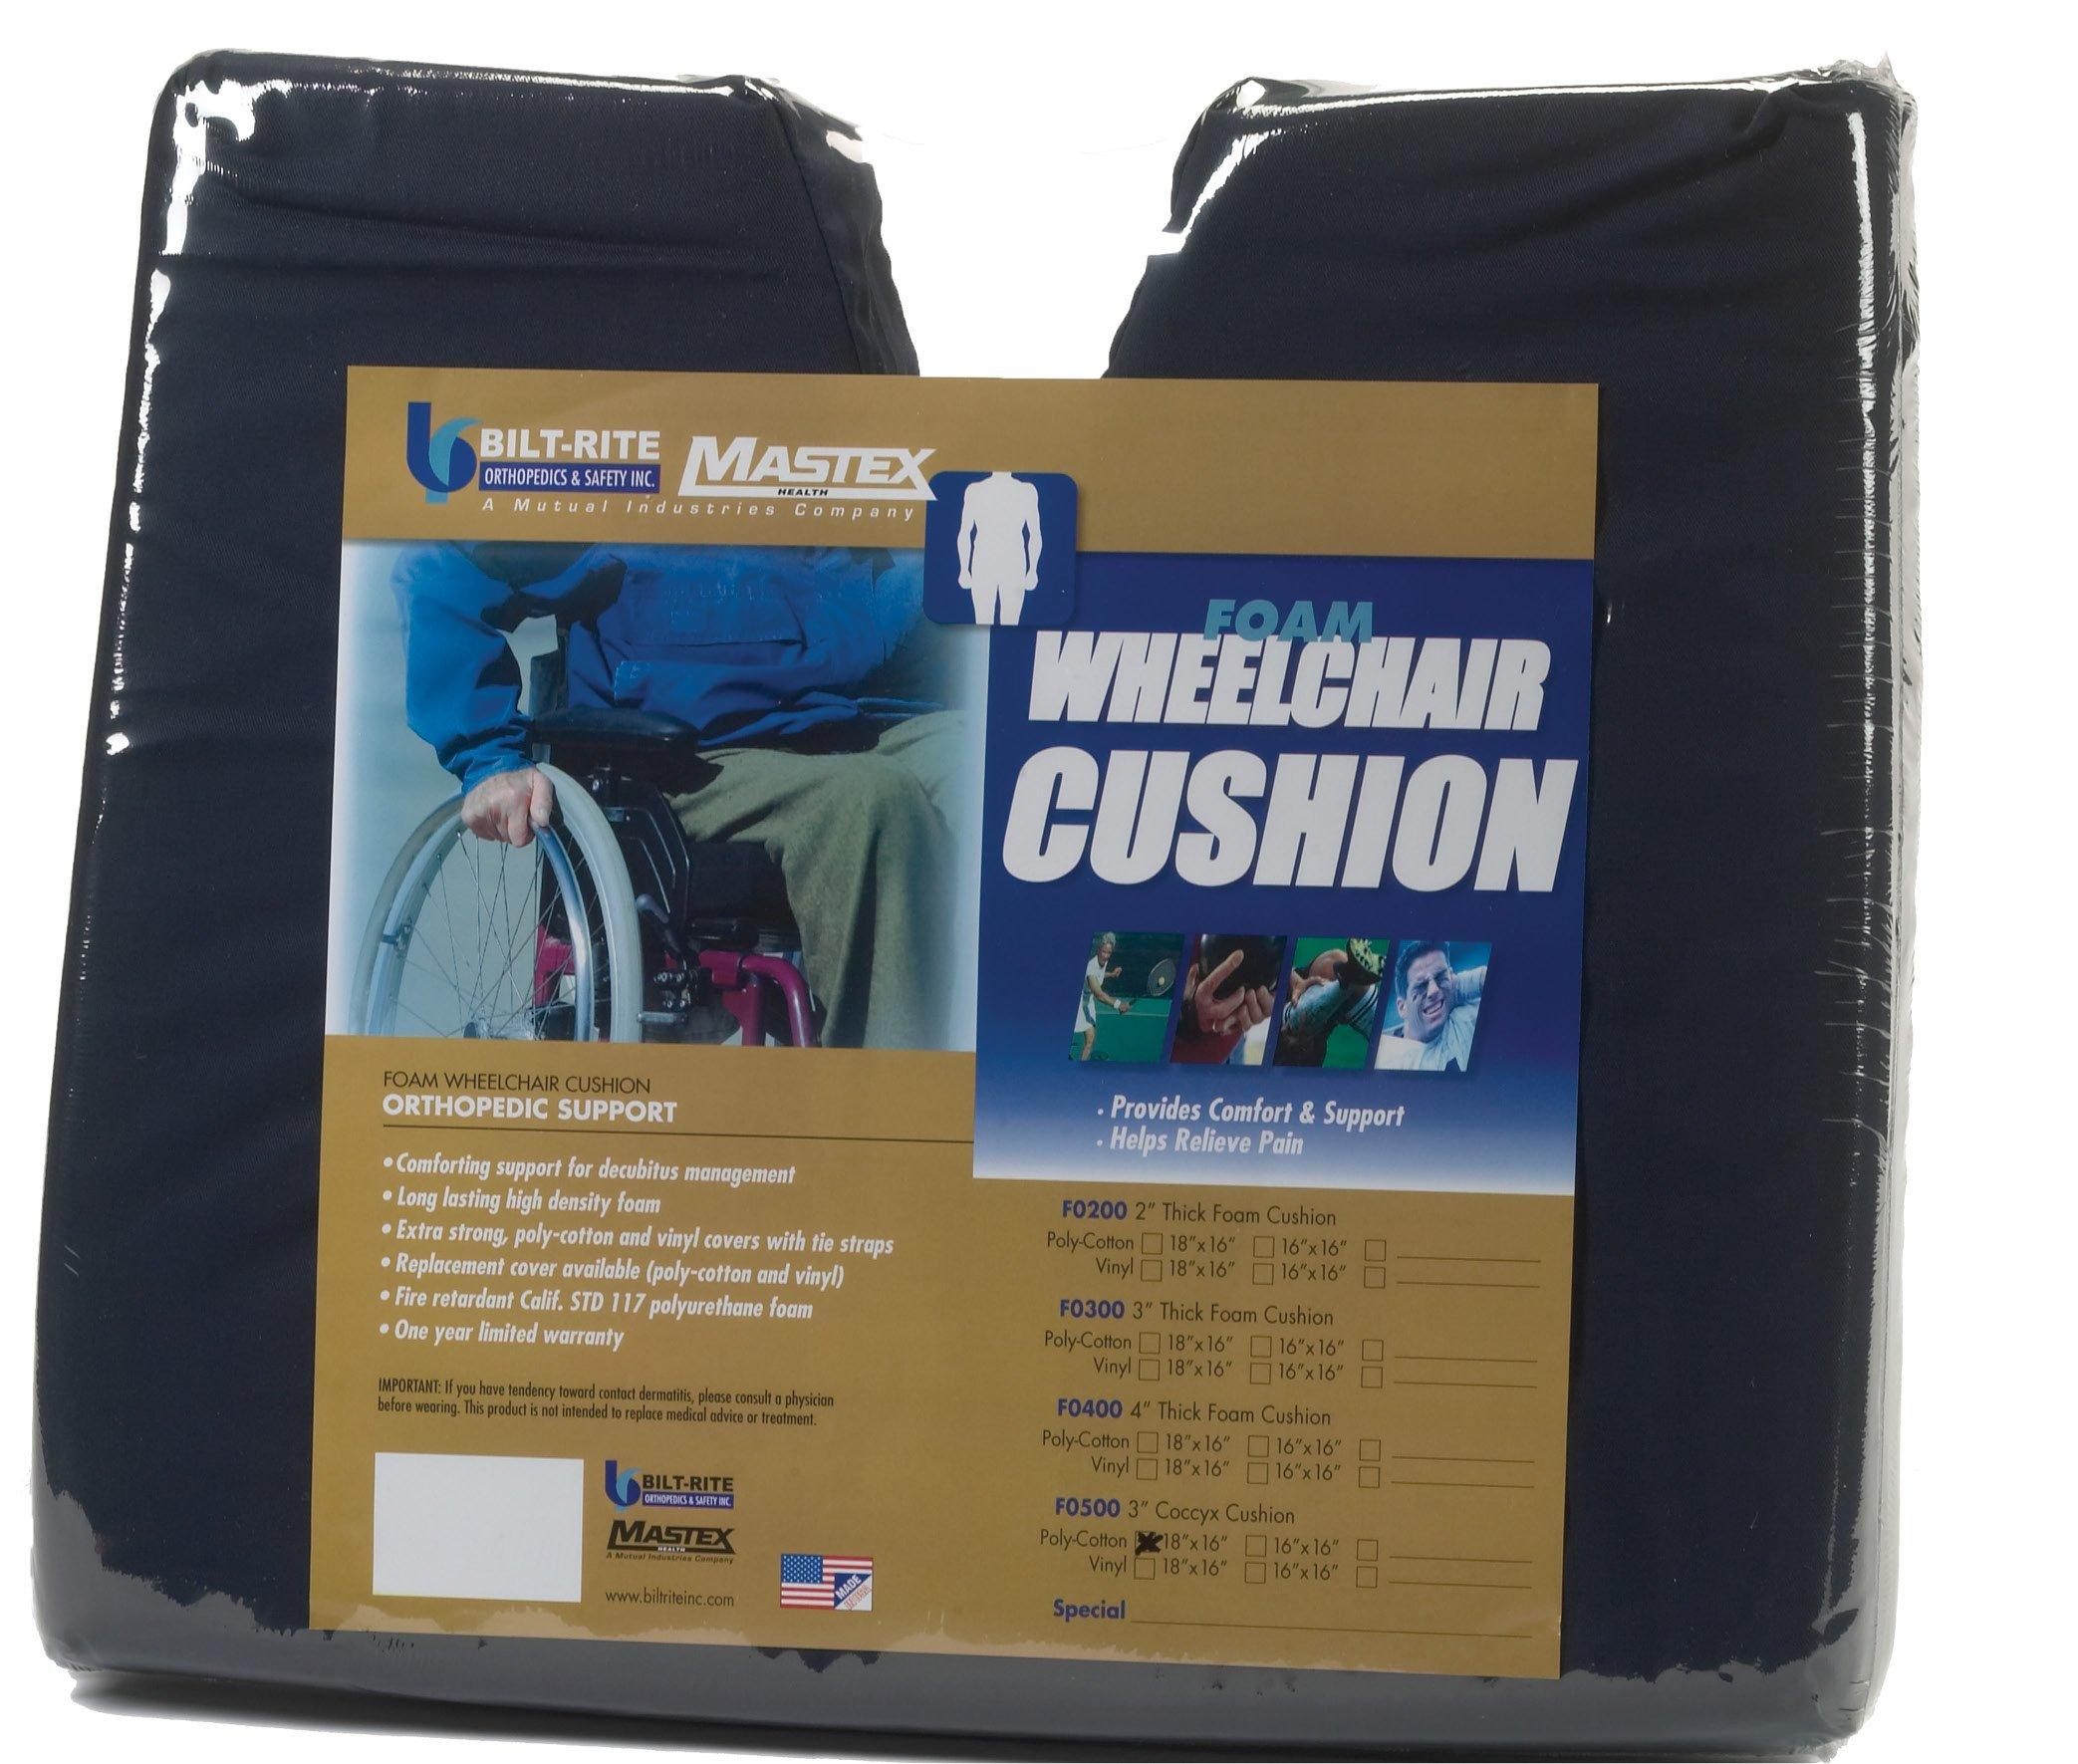 Bilt-Rite Mastex Health Coccyx Cushion, Blue